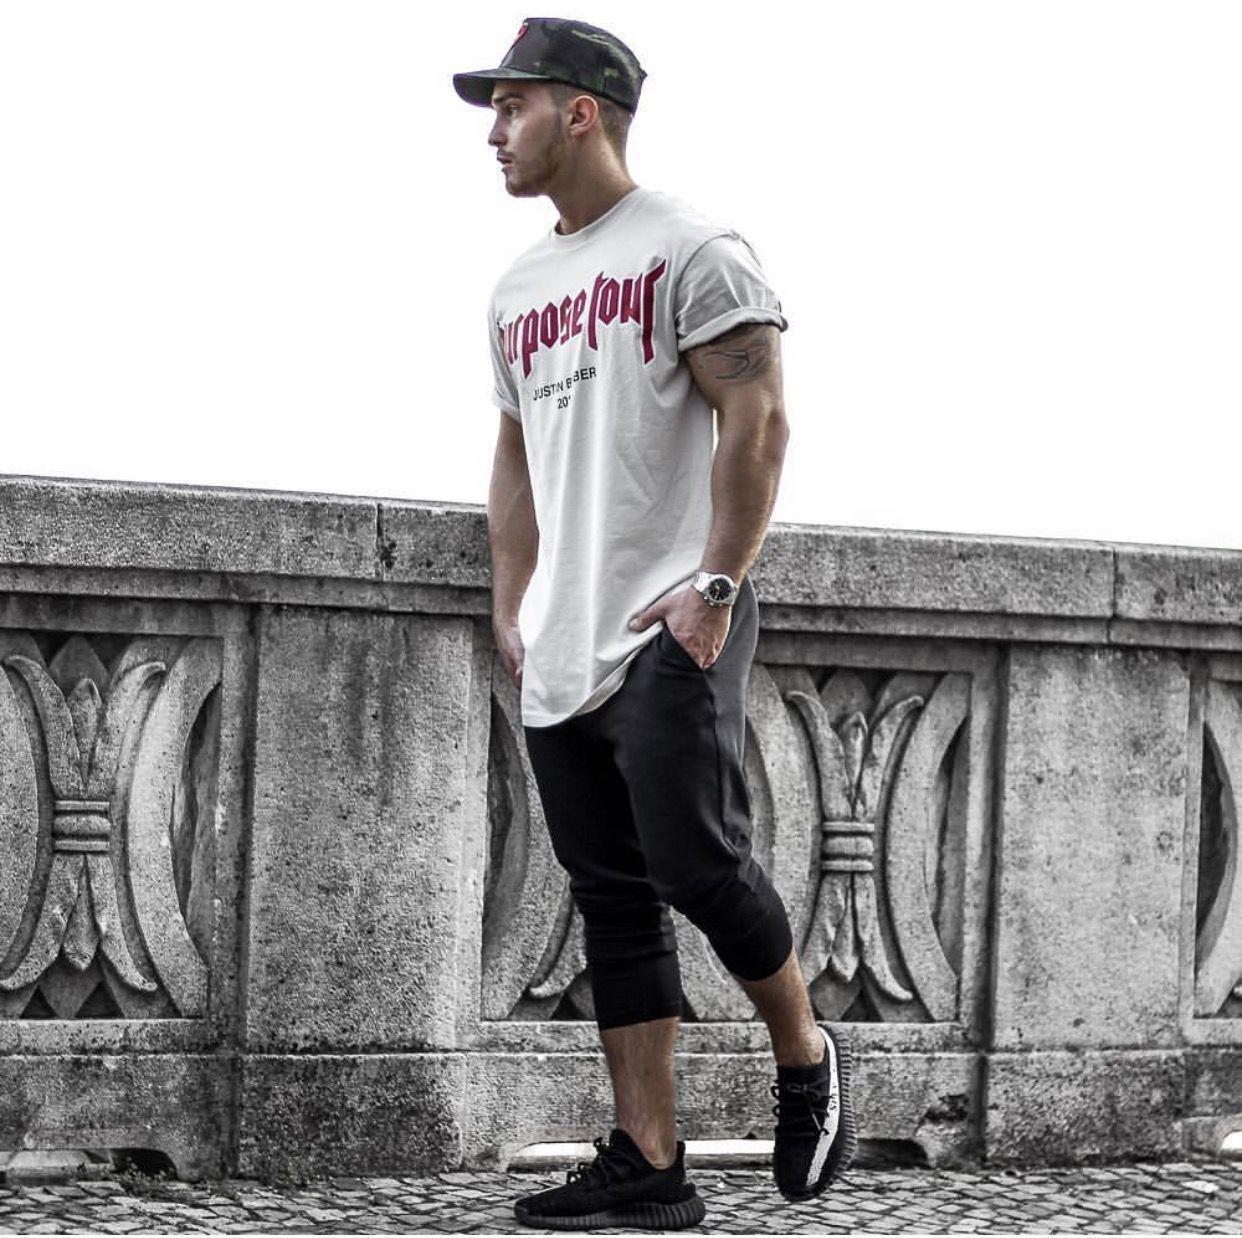 adidas Yeezy Boost 350 V2 Zebra Stil   Sneakers fashion